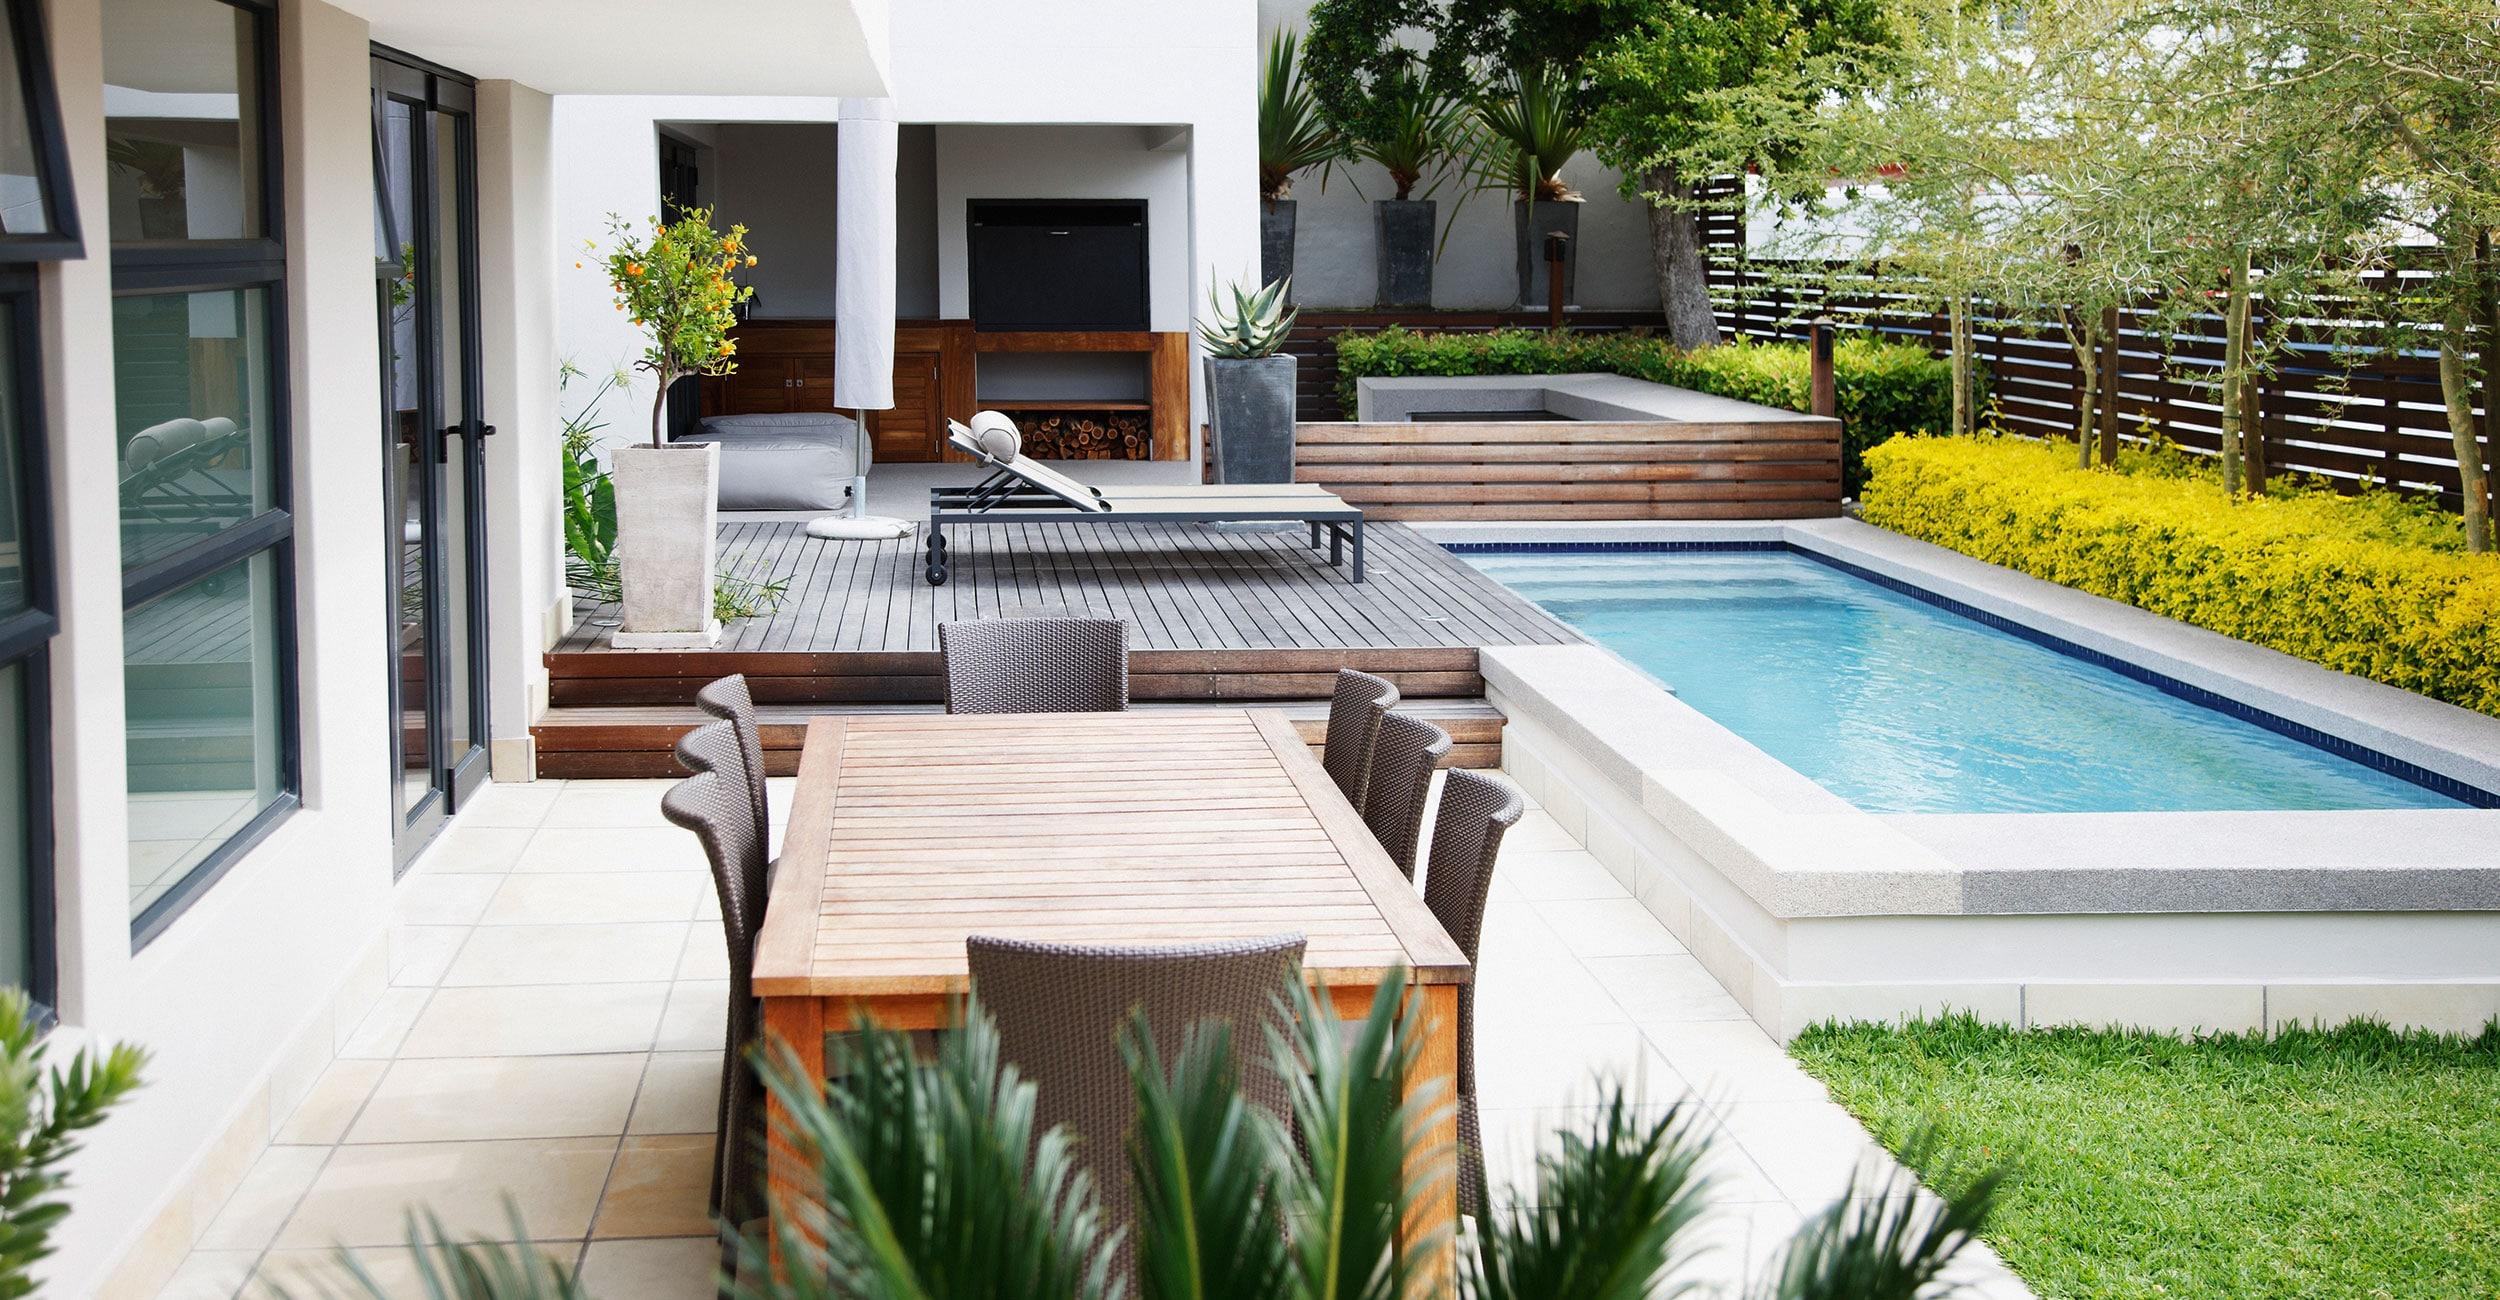 gp_sobre_2500x1300px Idées de décoration pour aménager son espace piscine à coque